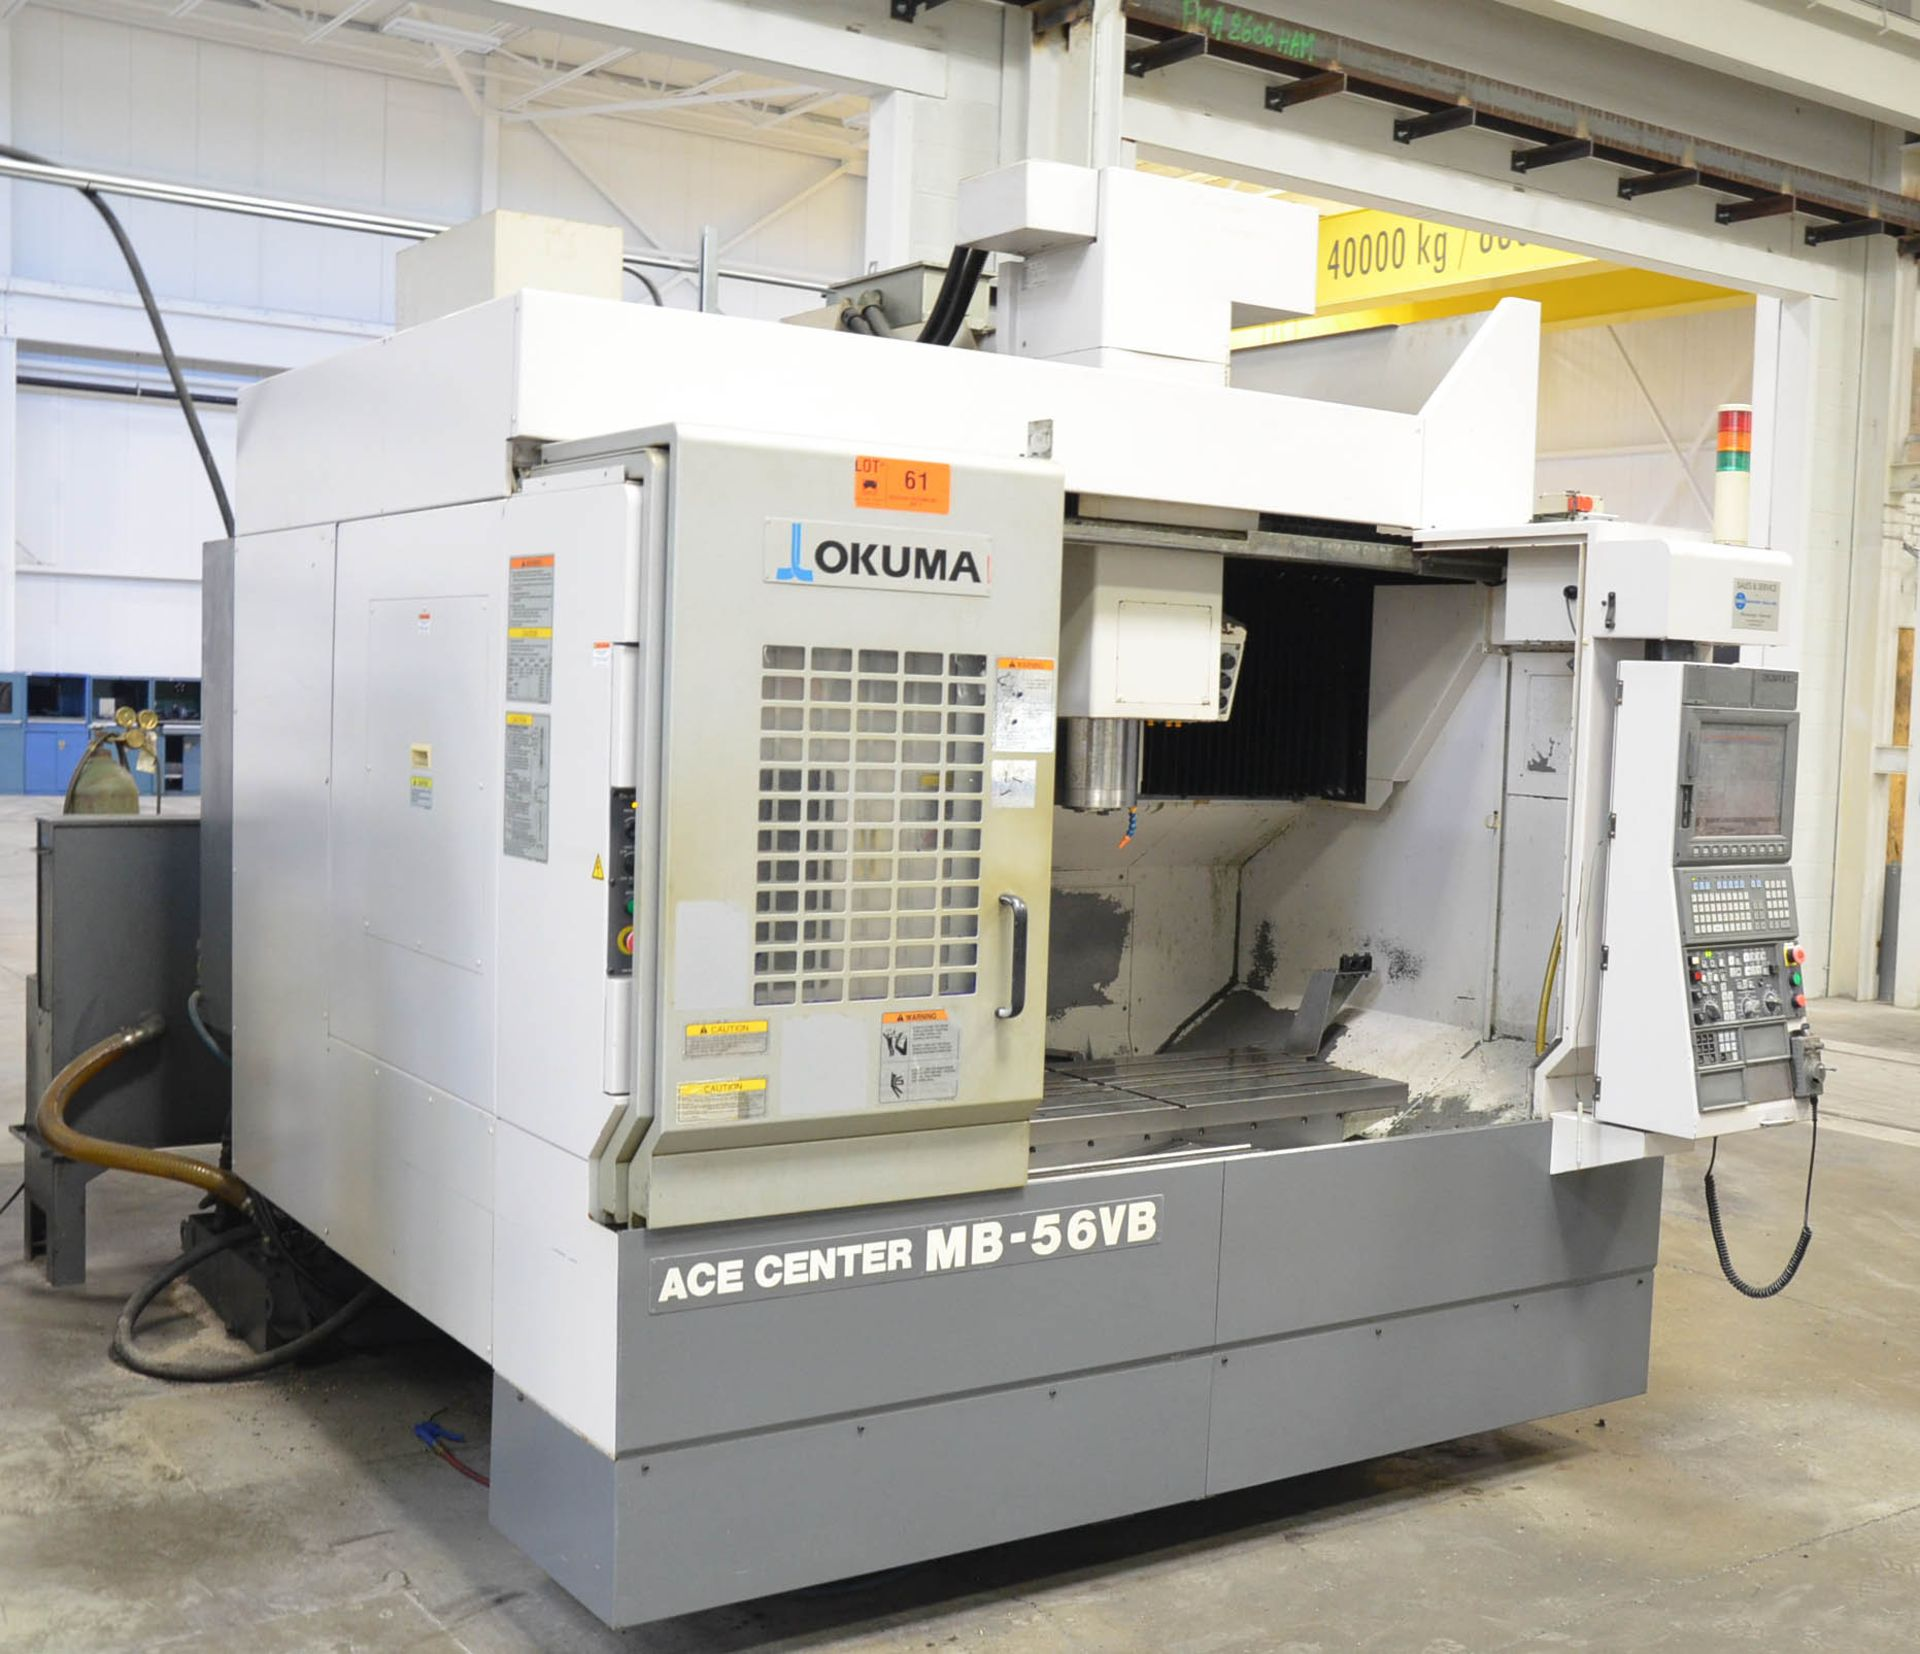 OKUMA (2007) ACE CENTER MB-56VB CNC VERTICAL MACHINING CENTER WITH OKUMA OSP-P200M CNC CONTROL, - Image 4 of 11